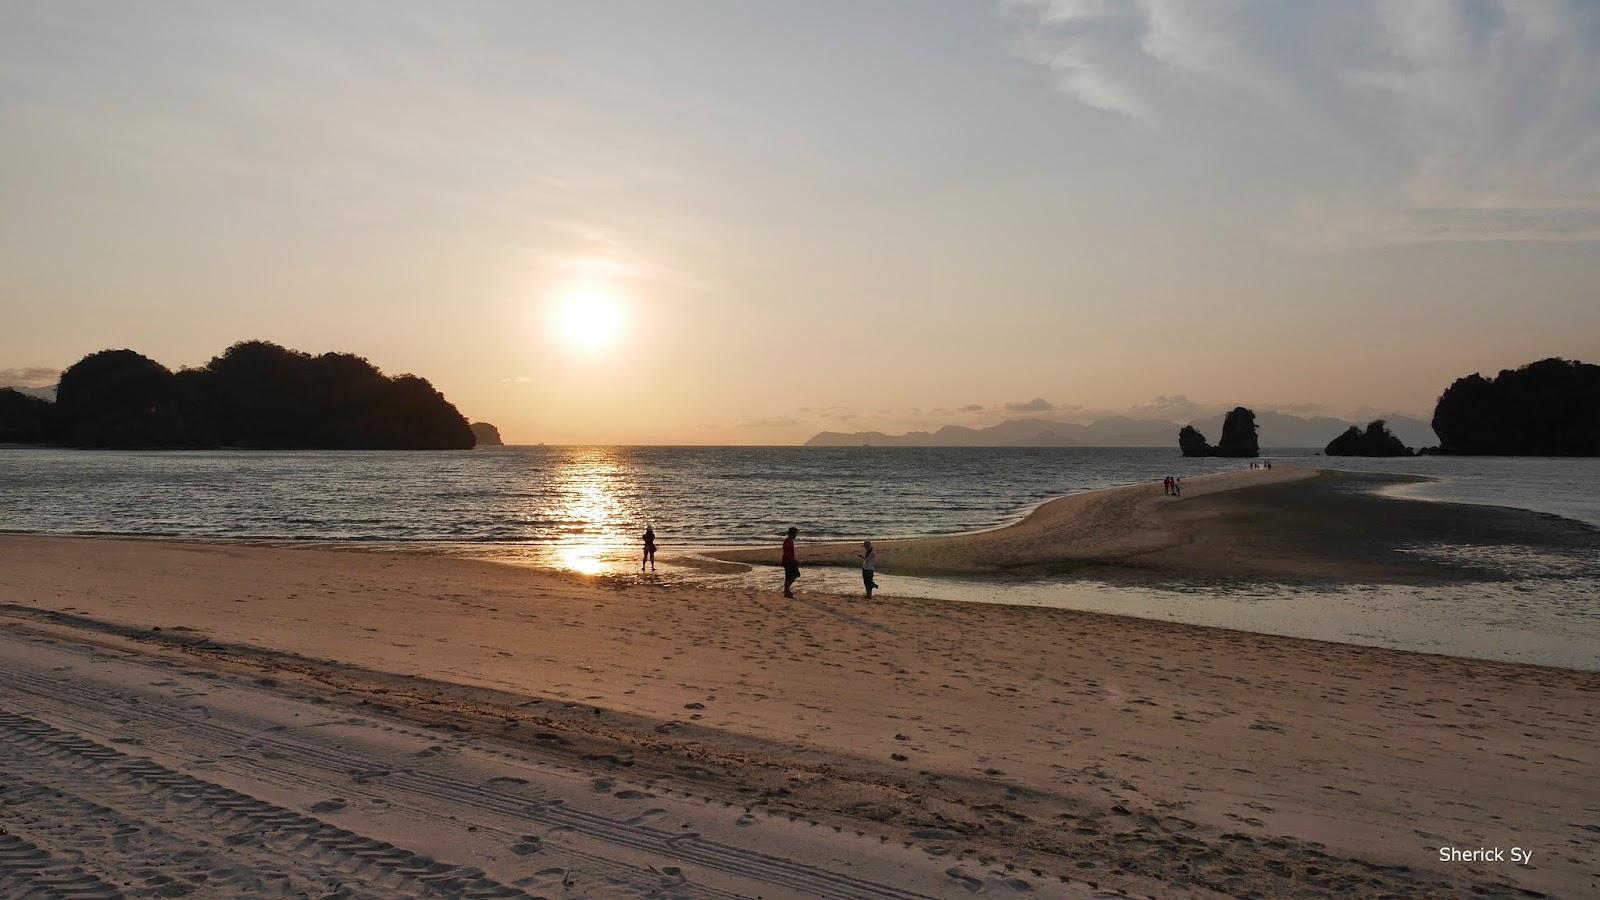 Sunset at Tanjung Rhu Resort, Langkawi, Malaysia